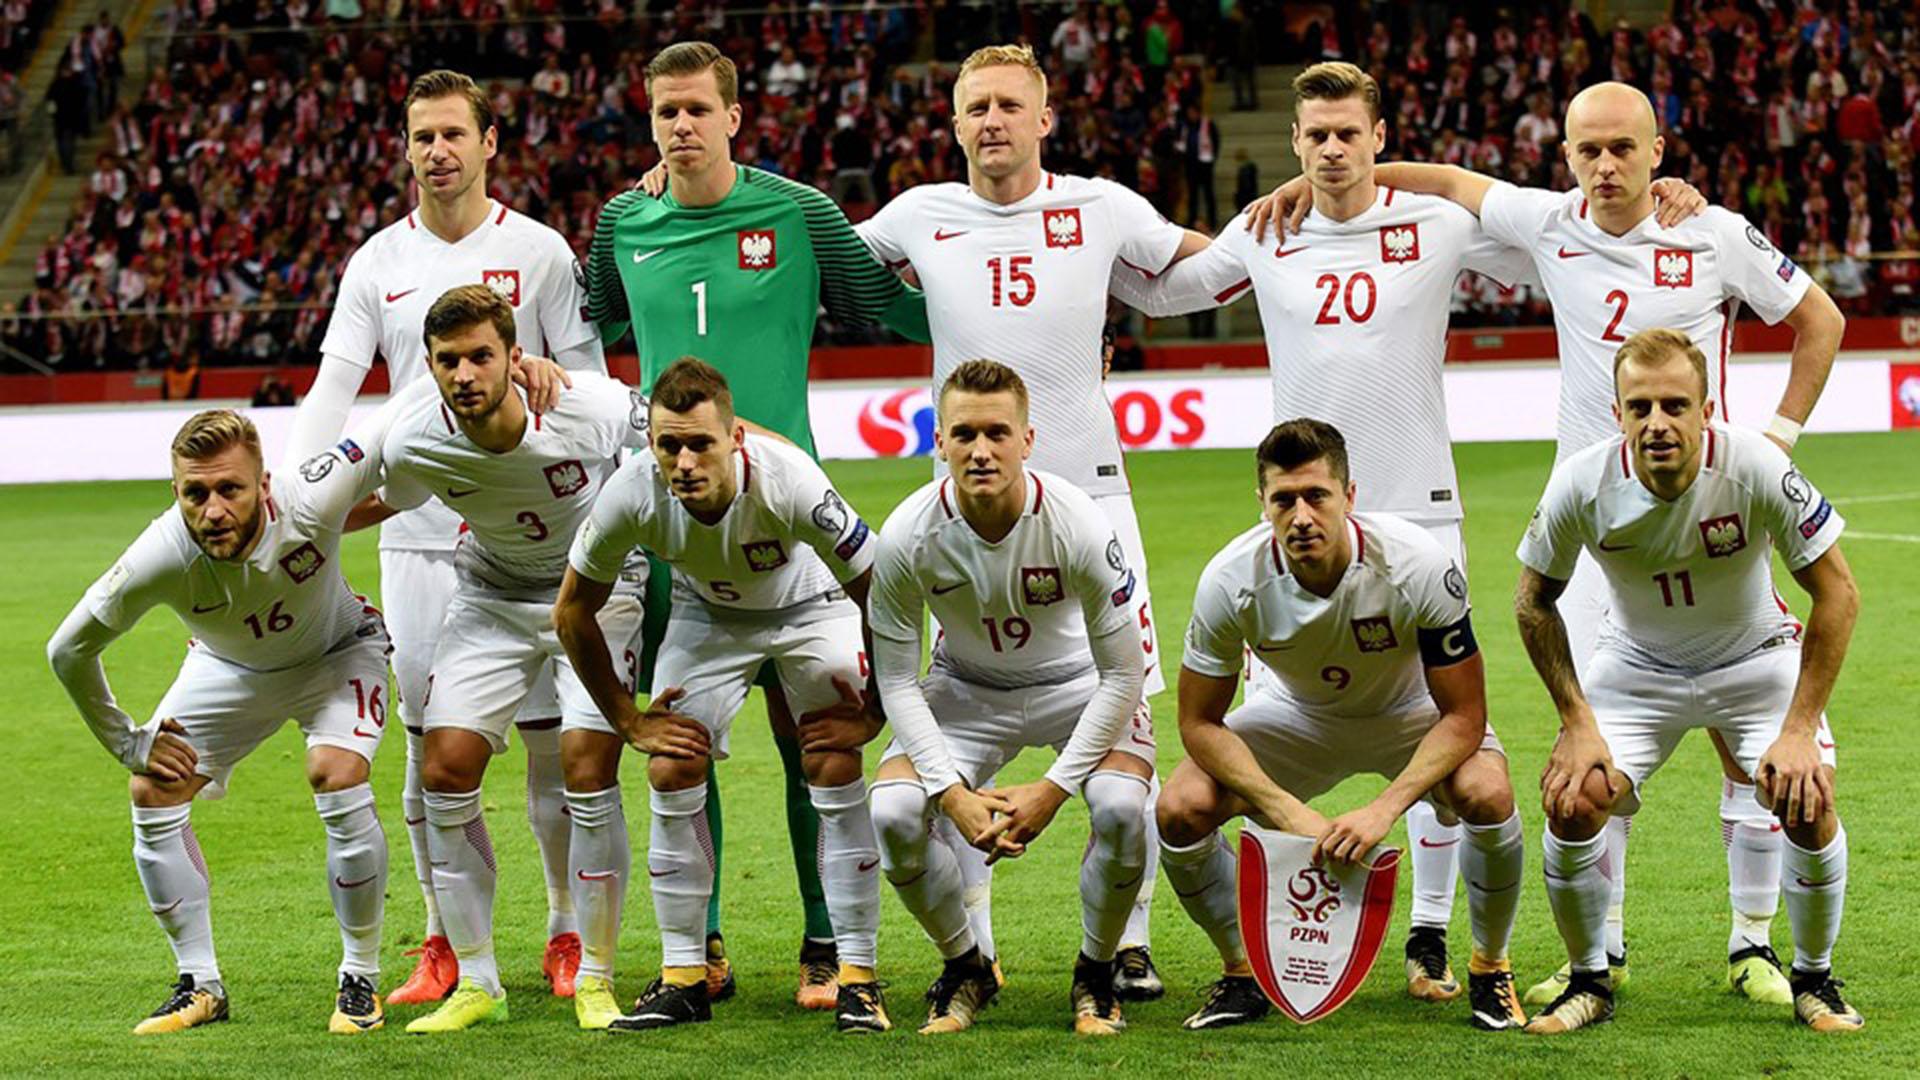 Con un promedio de edad de 27 años, el valor de Polonia es de 259 millones de dólares